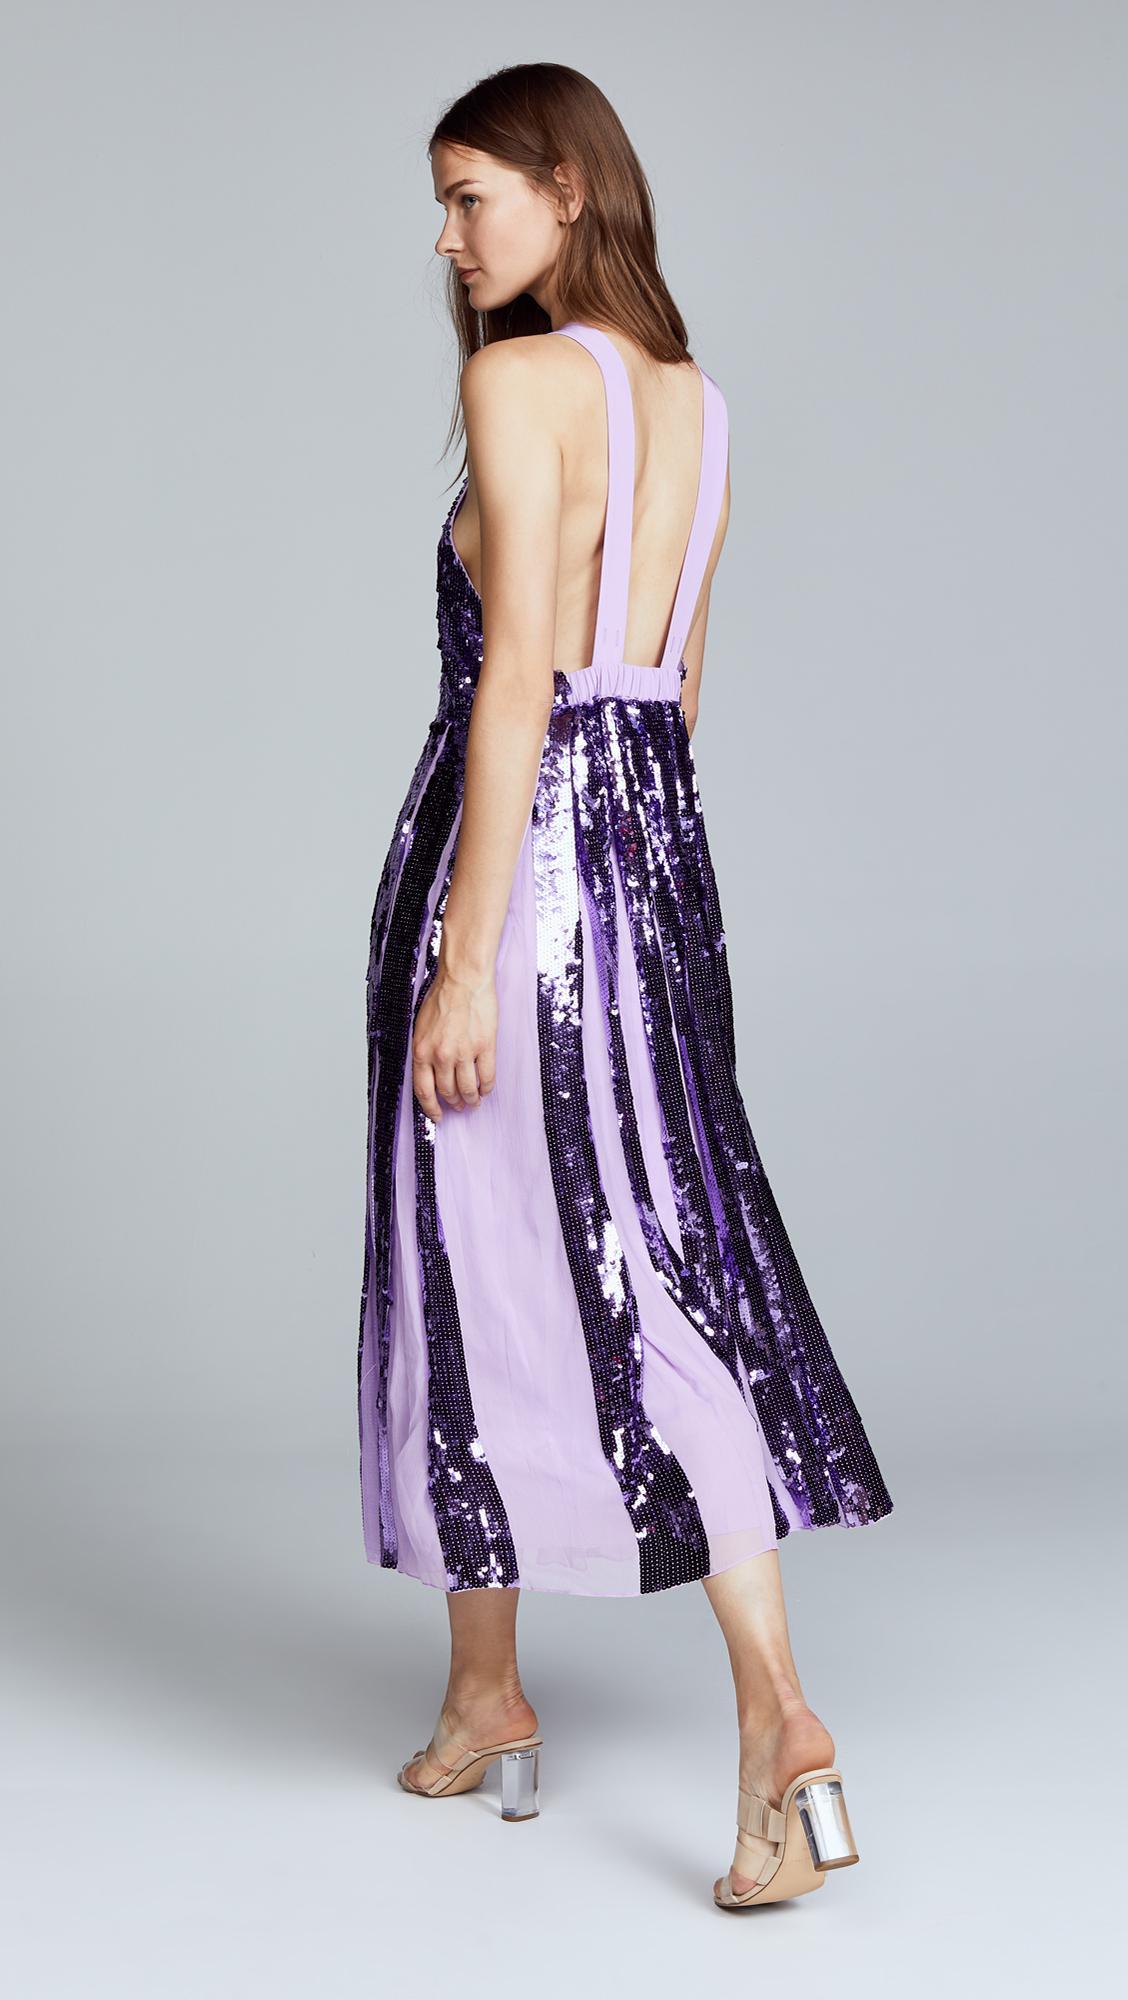 272790871f3 Tibi - Purple Sequin Overall Dress - Lyst. View fullscreen